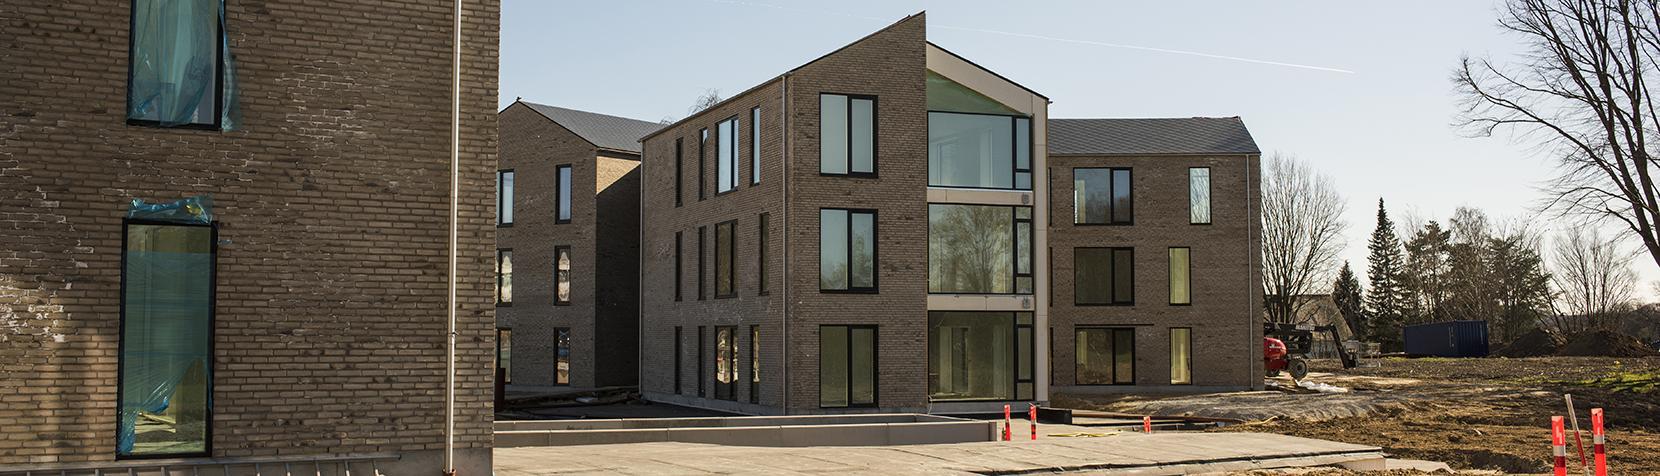 Byudvikling Henriksholm